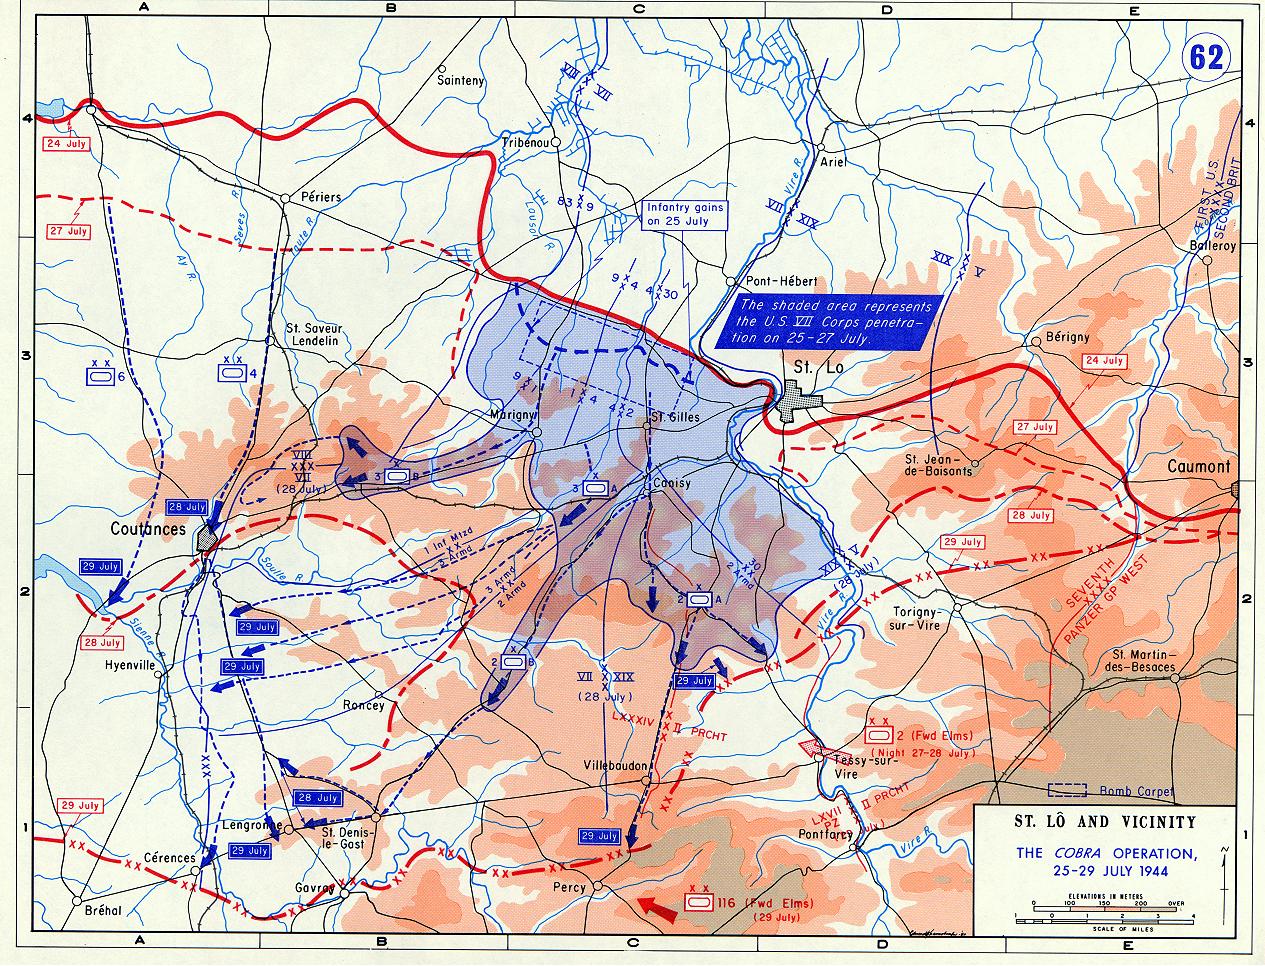 a review of the operation cobra in normandy Date : 26 juillet 1944 - july 26th, 1944 sujet | subject: - reportage sur les vestiges de blindés allemands appartenant à la panzer-lehr-division (chars.